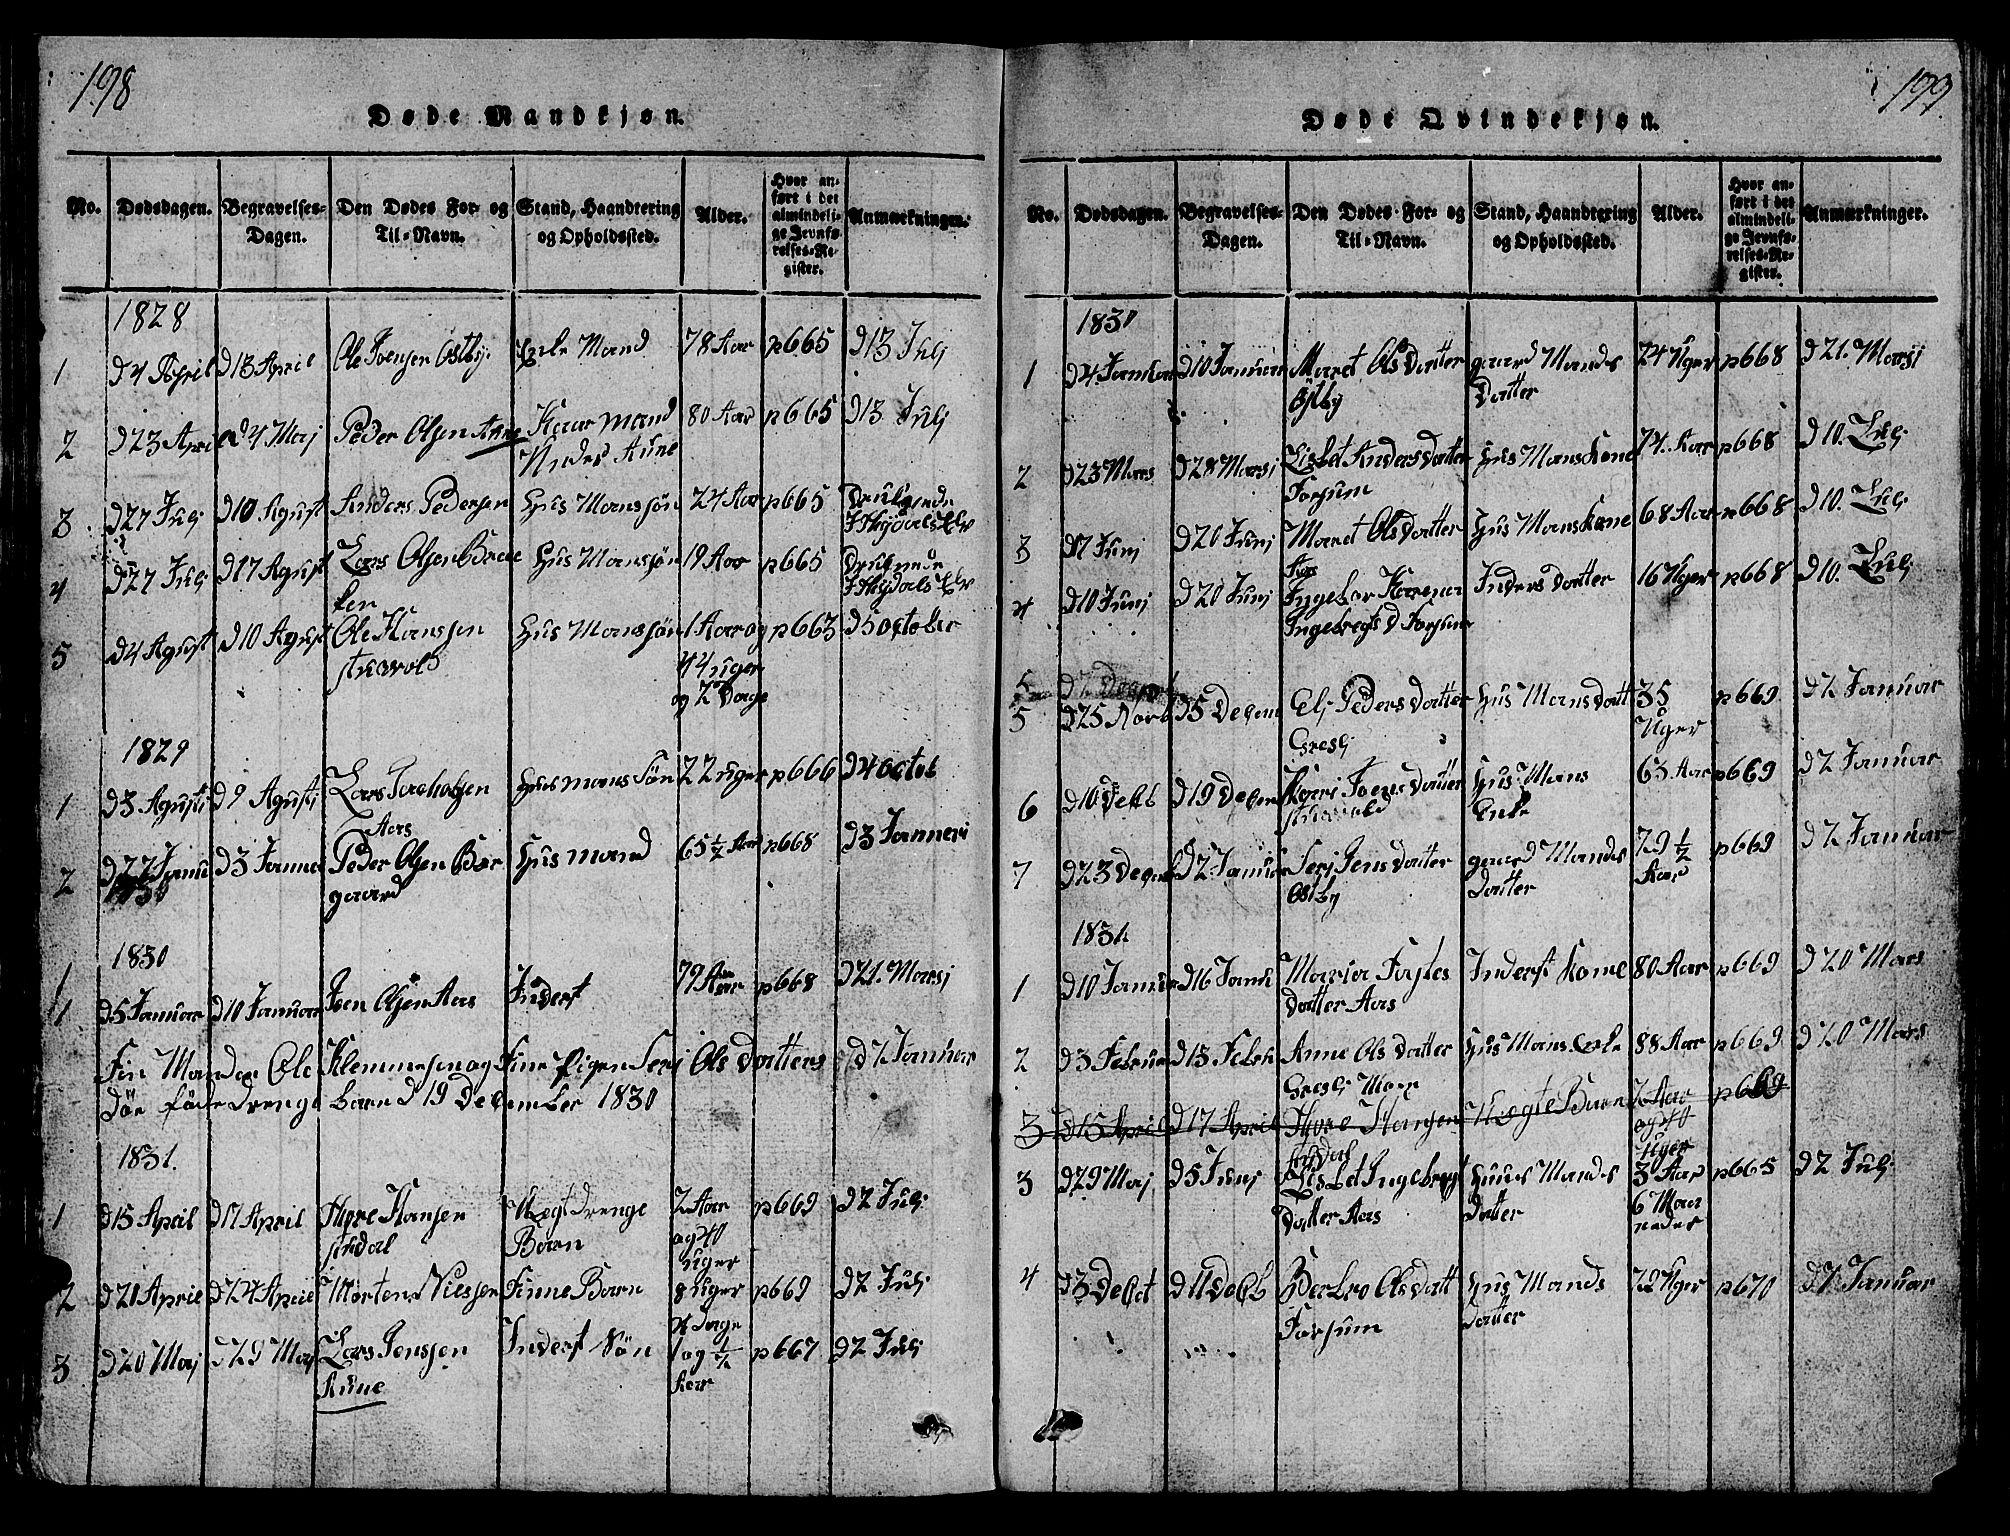 SAT, Ministerialprotokoller, klokkerbøker og fødselsregistre - Sør-Trøndelag, 698/L1164: Klokkerbok nr. 698C01, 1816-1861, s. 198-199